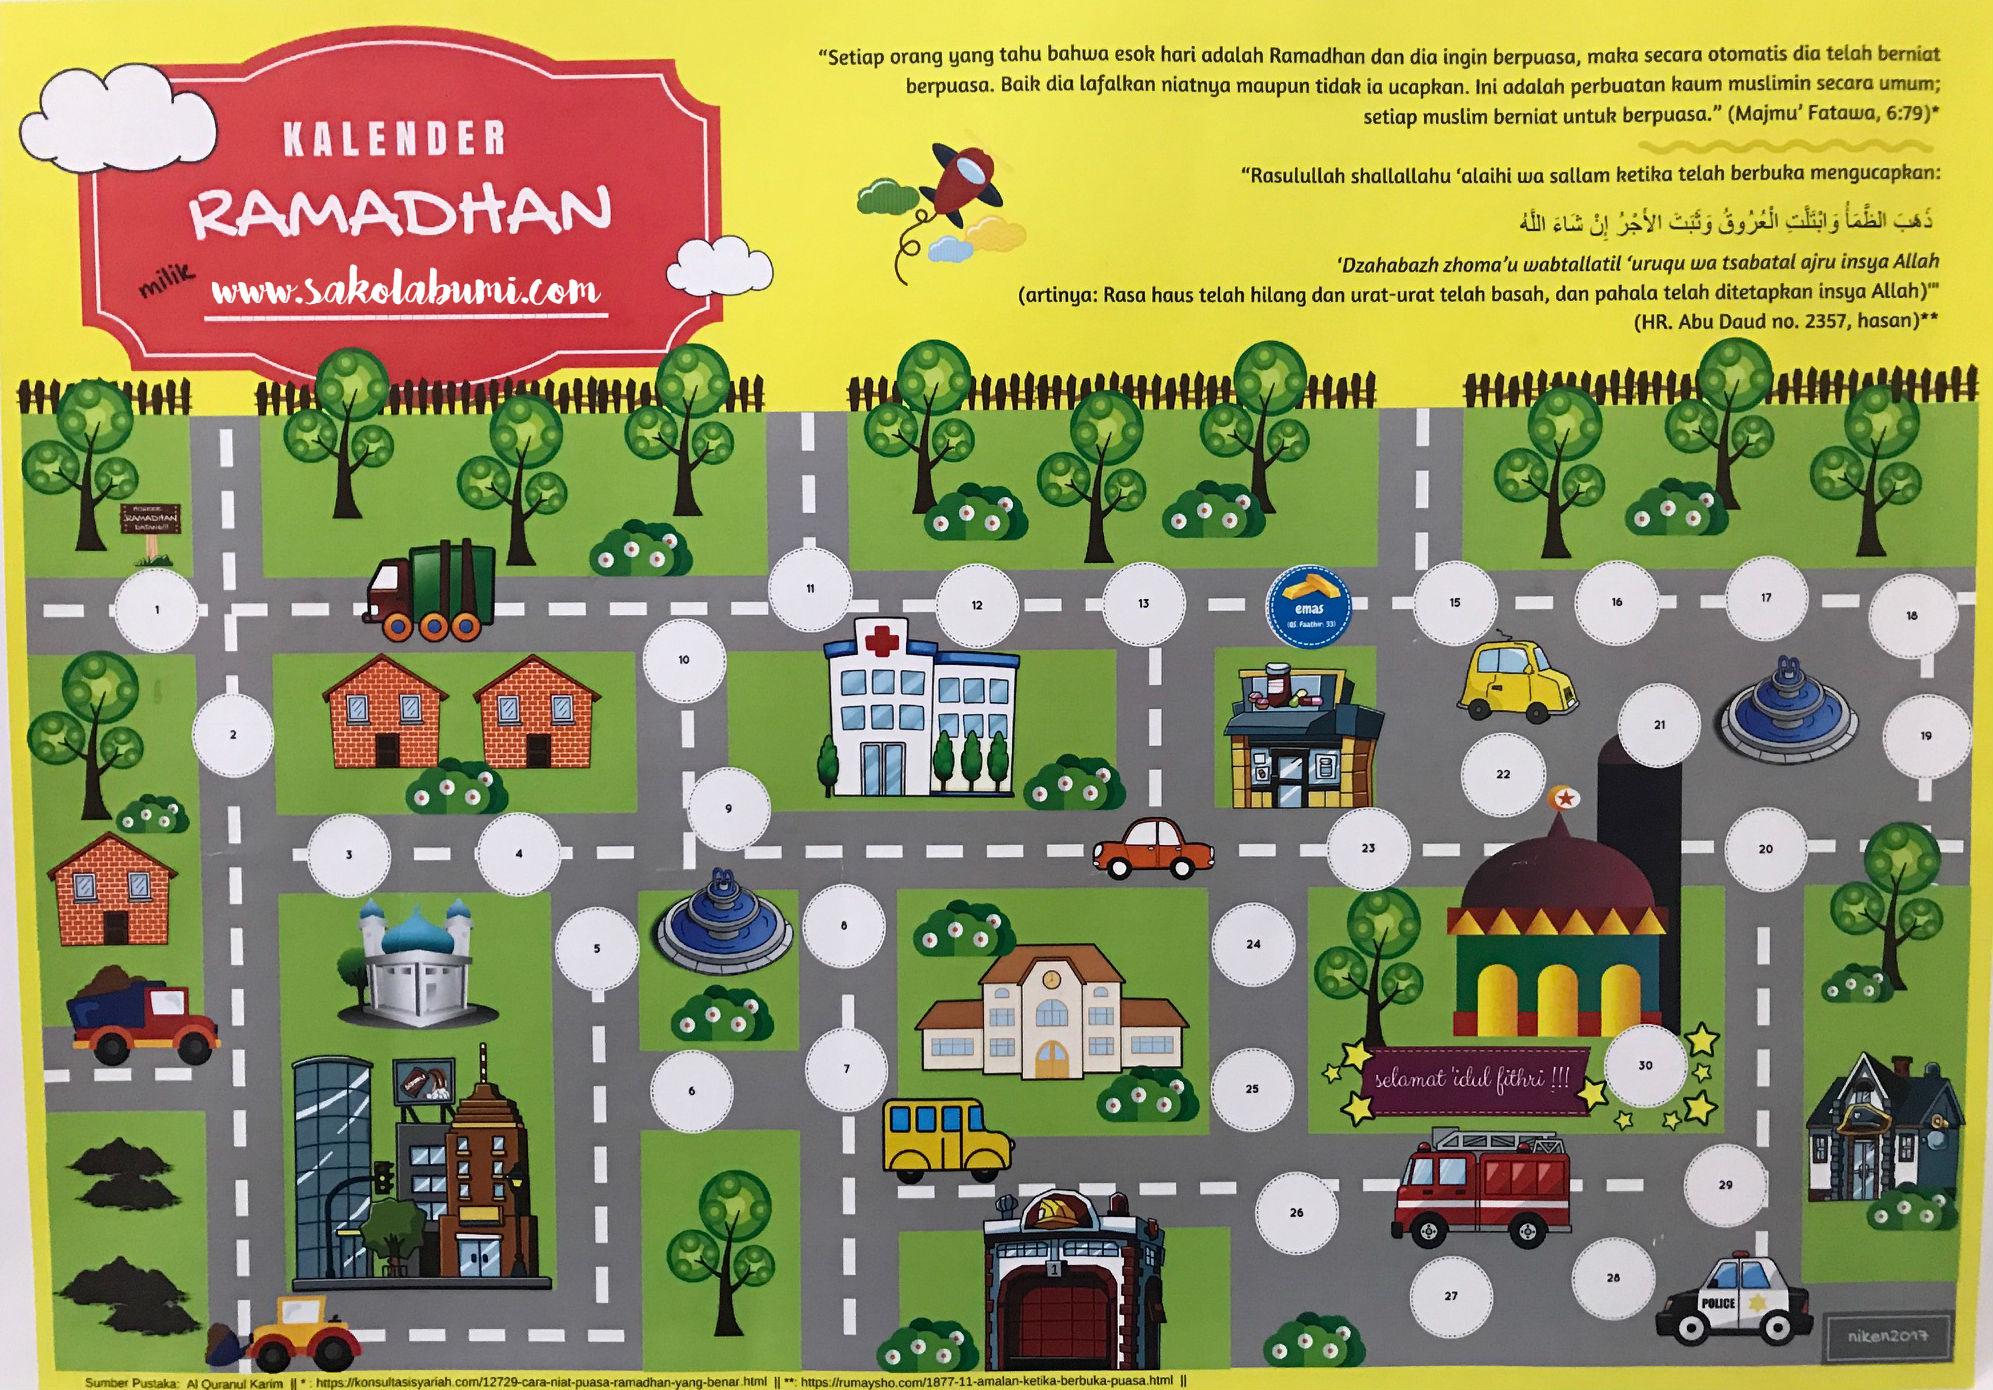 kalender ramadhan tematik